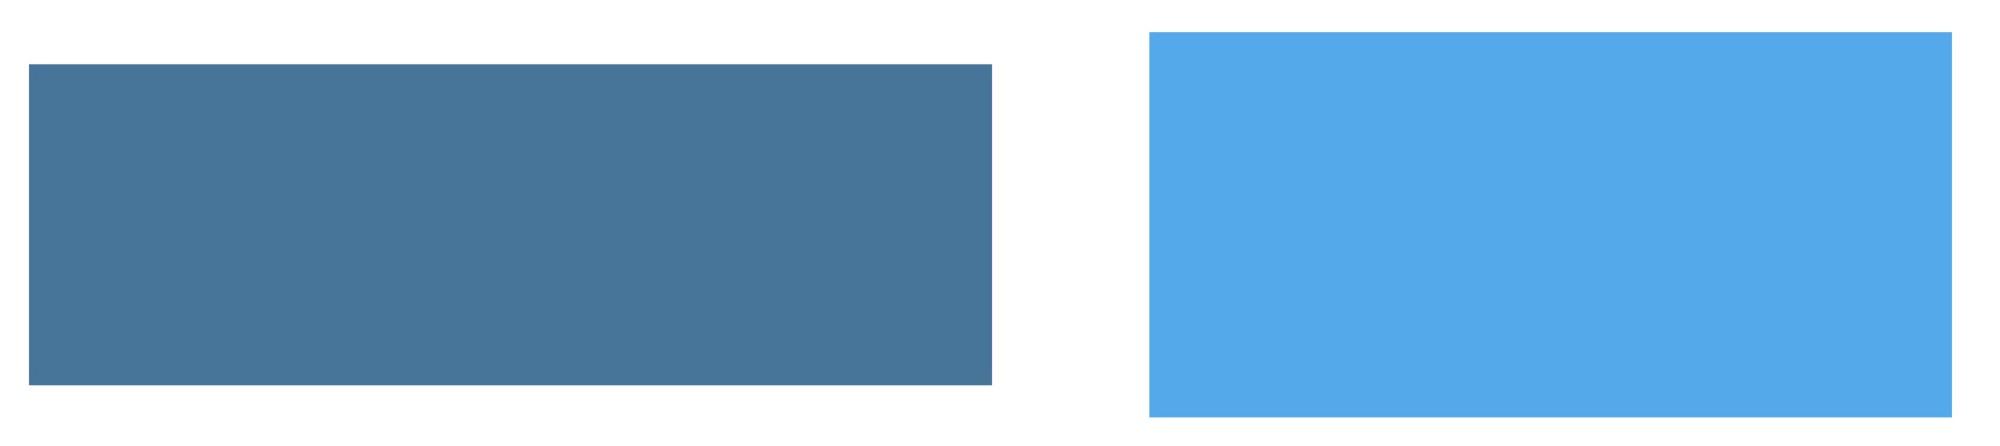 어느 직사각형이 더 큰가?